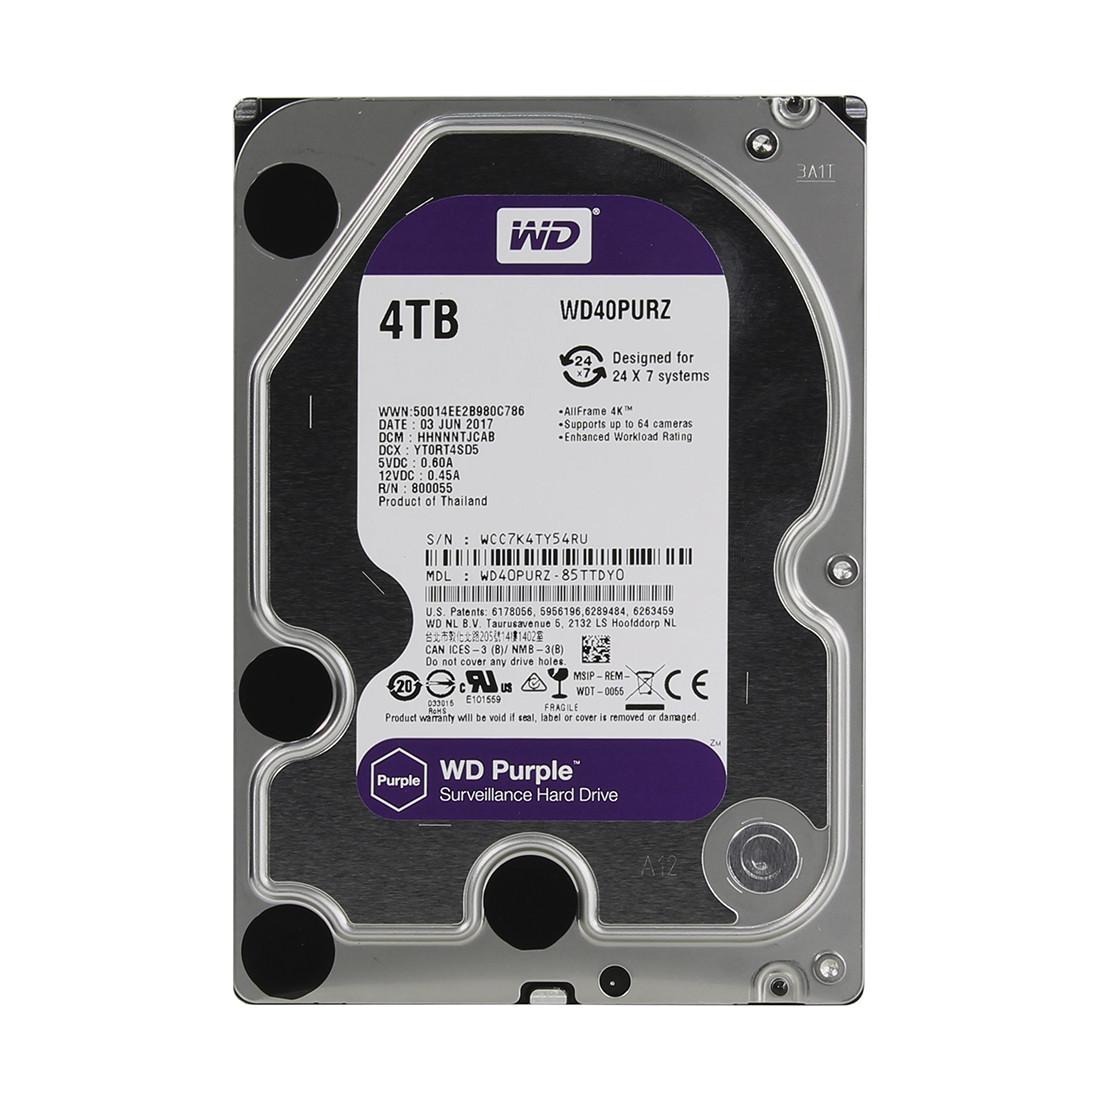 Жёсткий диск 4Tb Western Digital WD40PURZ